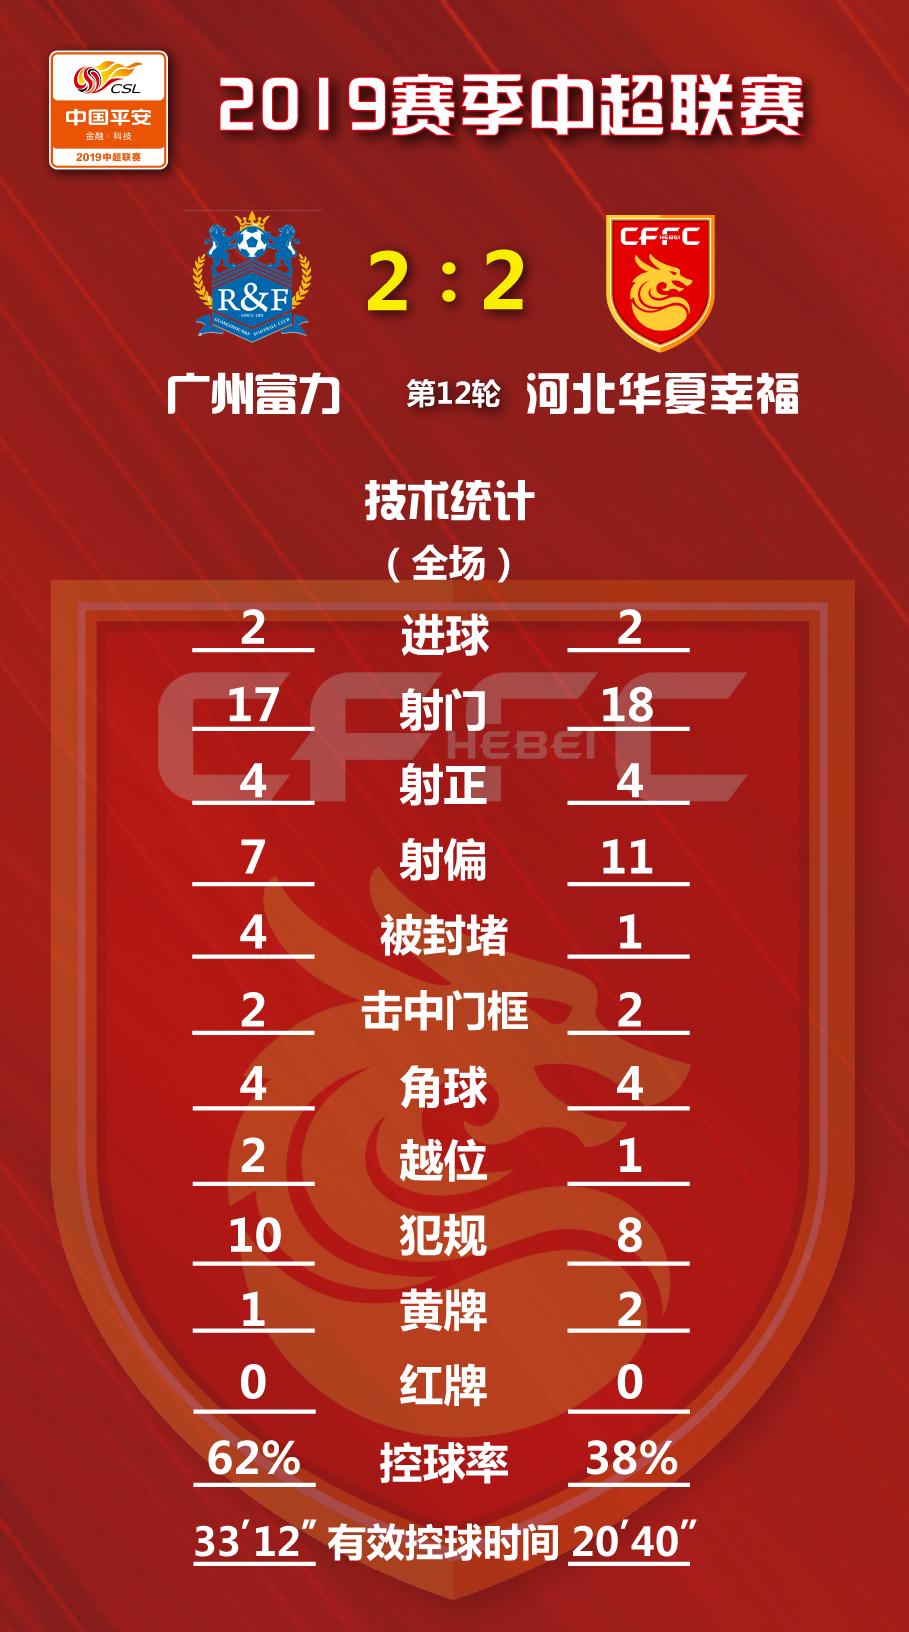 2019中超联赛第12轮,广州富力VS河北华夏幸... — 河北华夏幸福